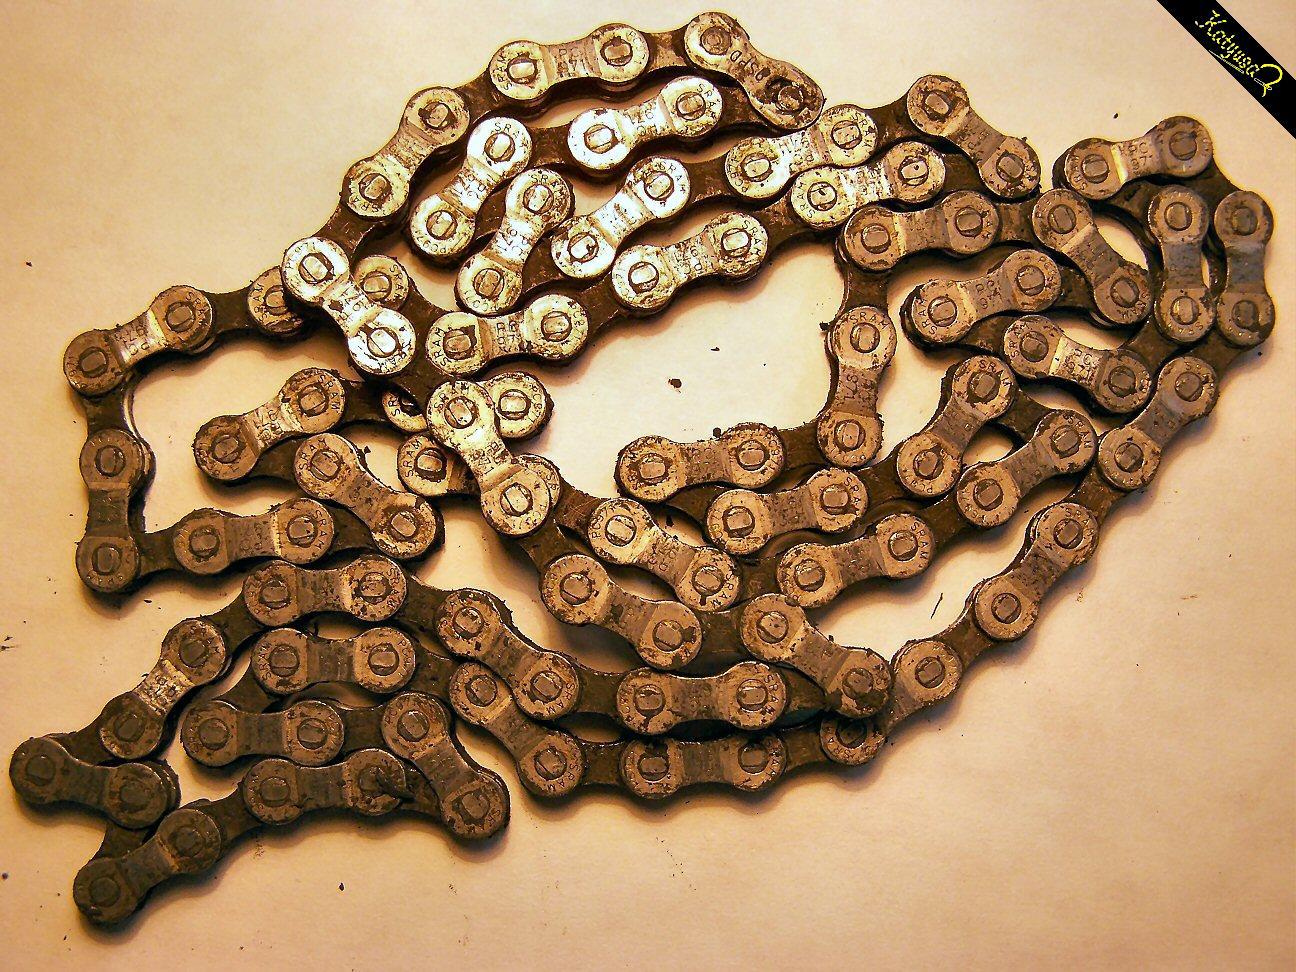 katyusa chain donor 1.jpg